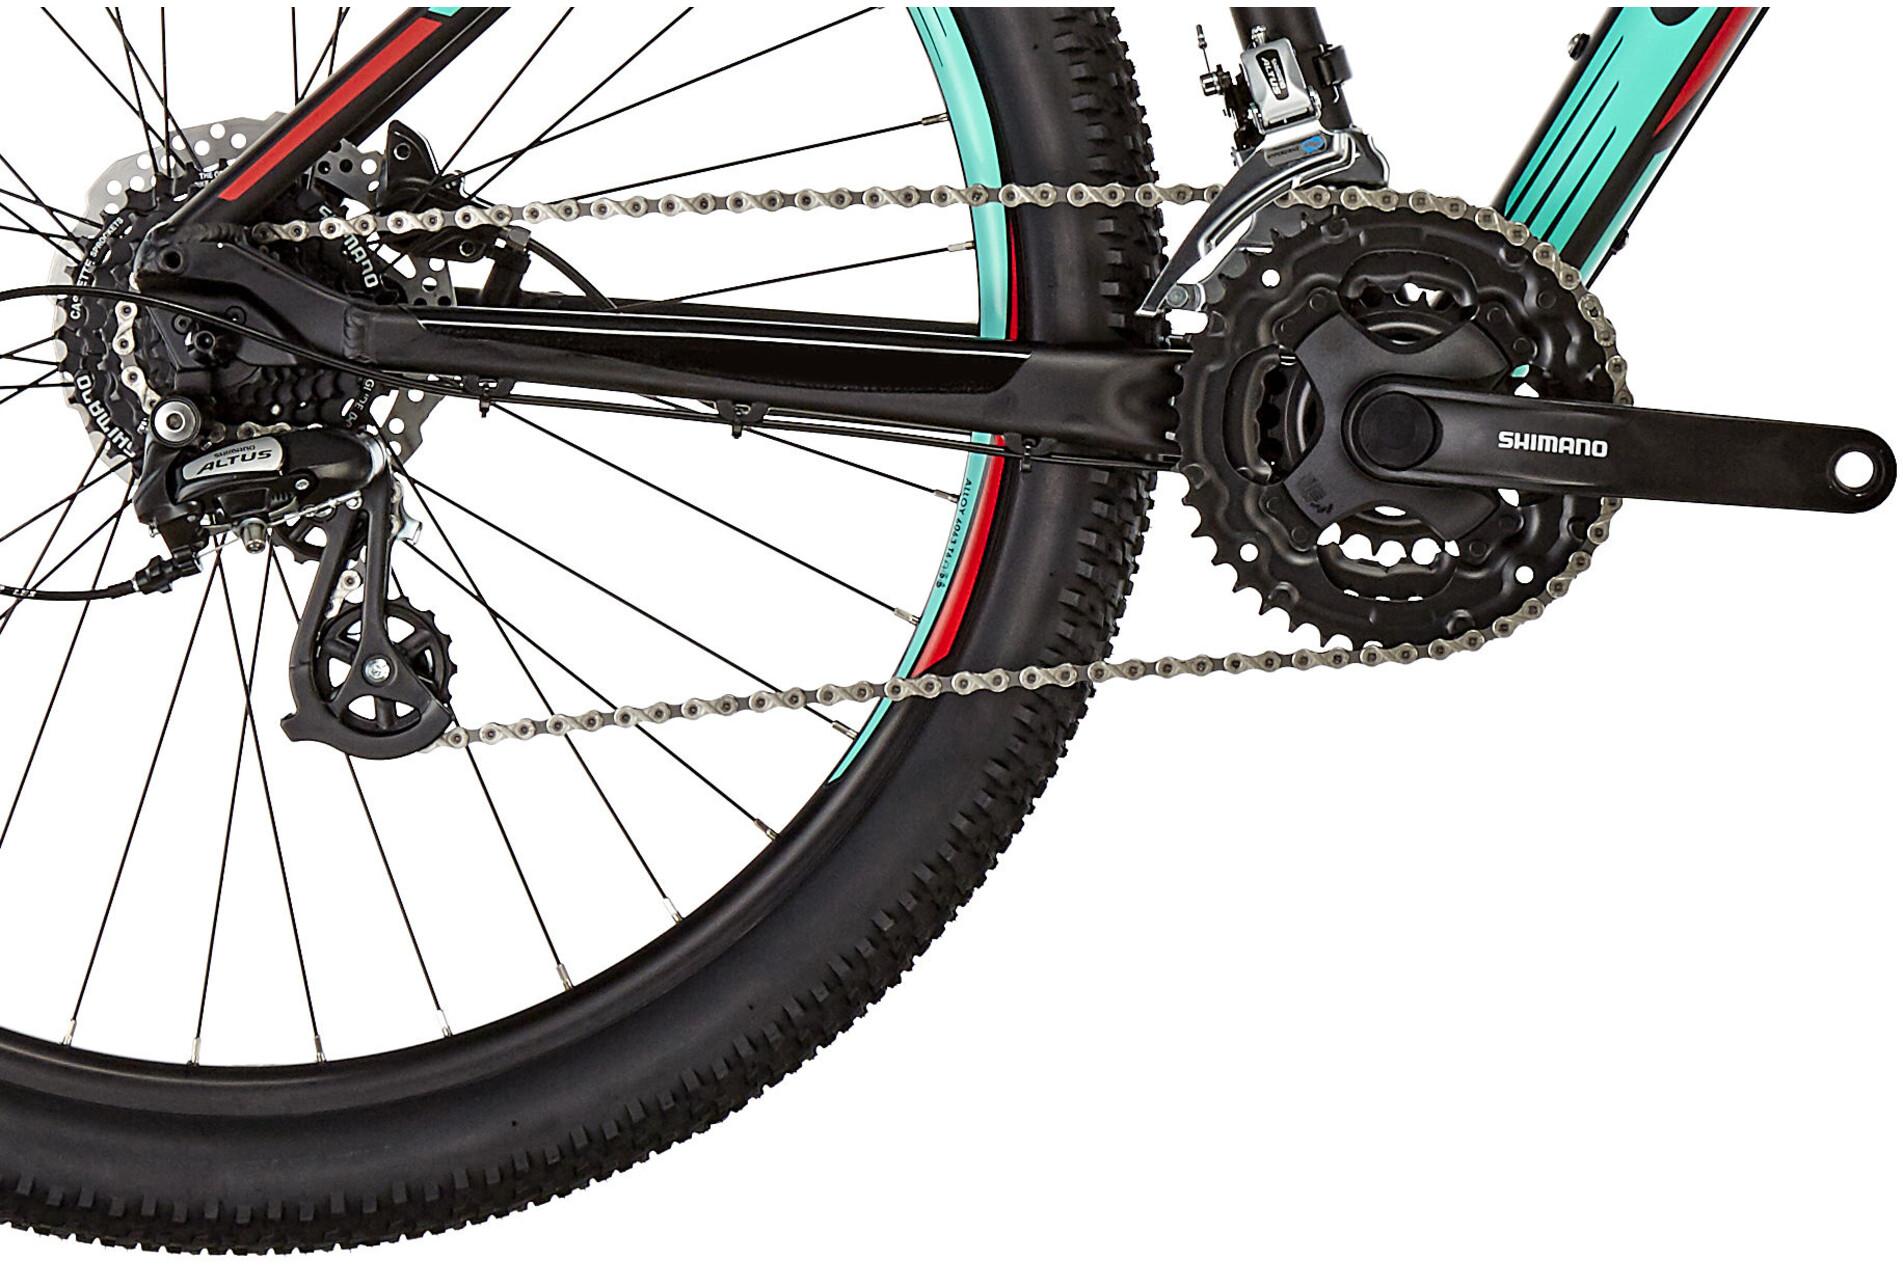 ORBEA MX 50 27,5 MTB Hardtail sort/turkis | Find cykeltilbehør på nettet | Bikester.dk